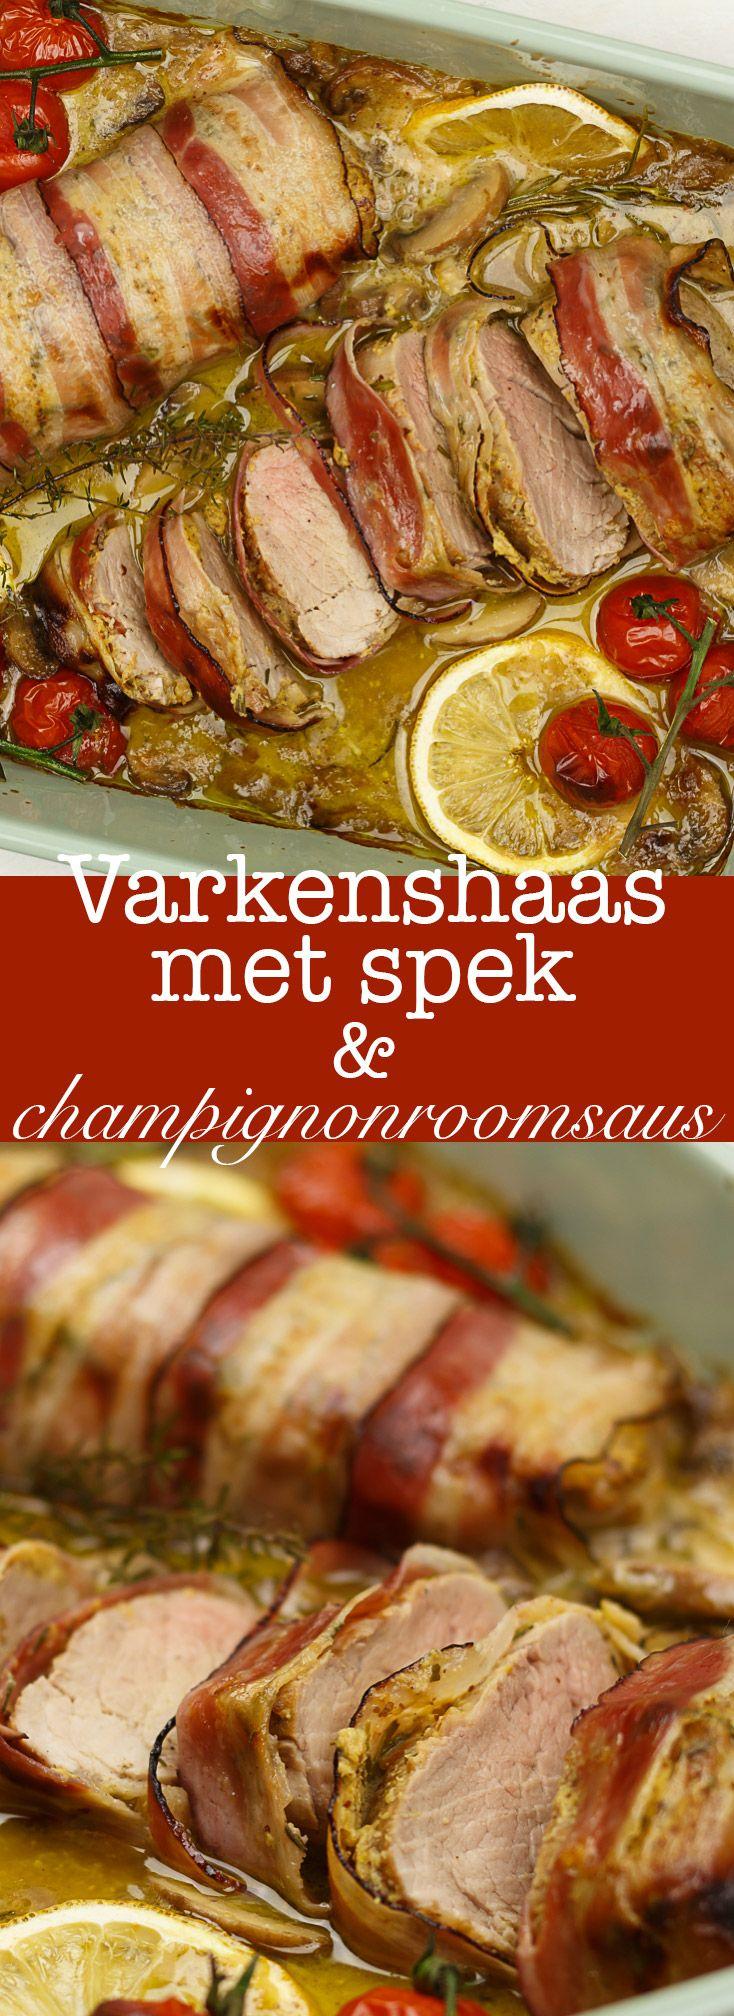 Varkenshaas met spek en champignonroomsaus #kerst #christmas #christmasdinner #christmasrecipes